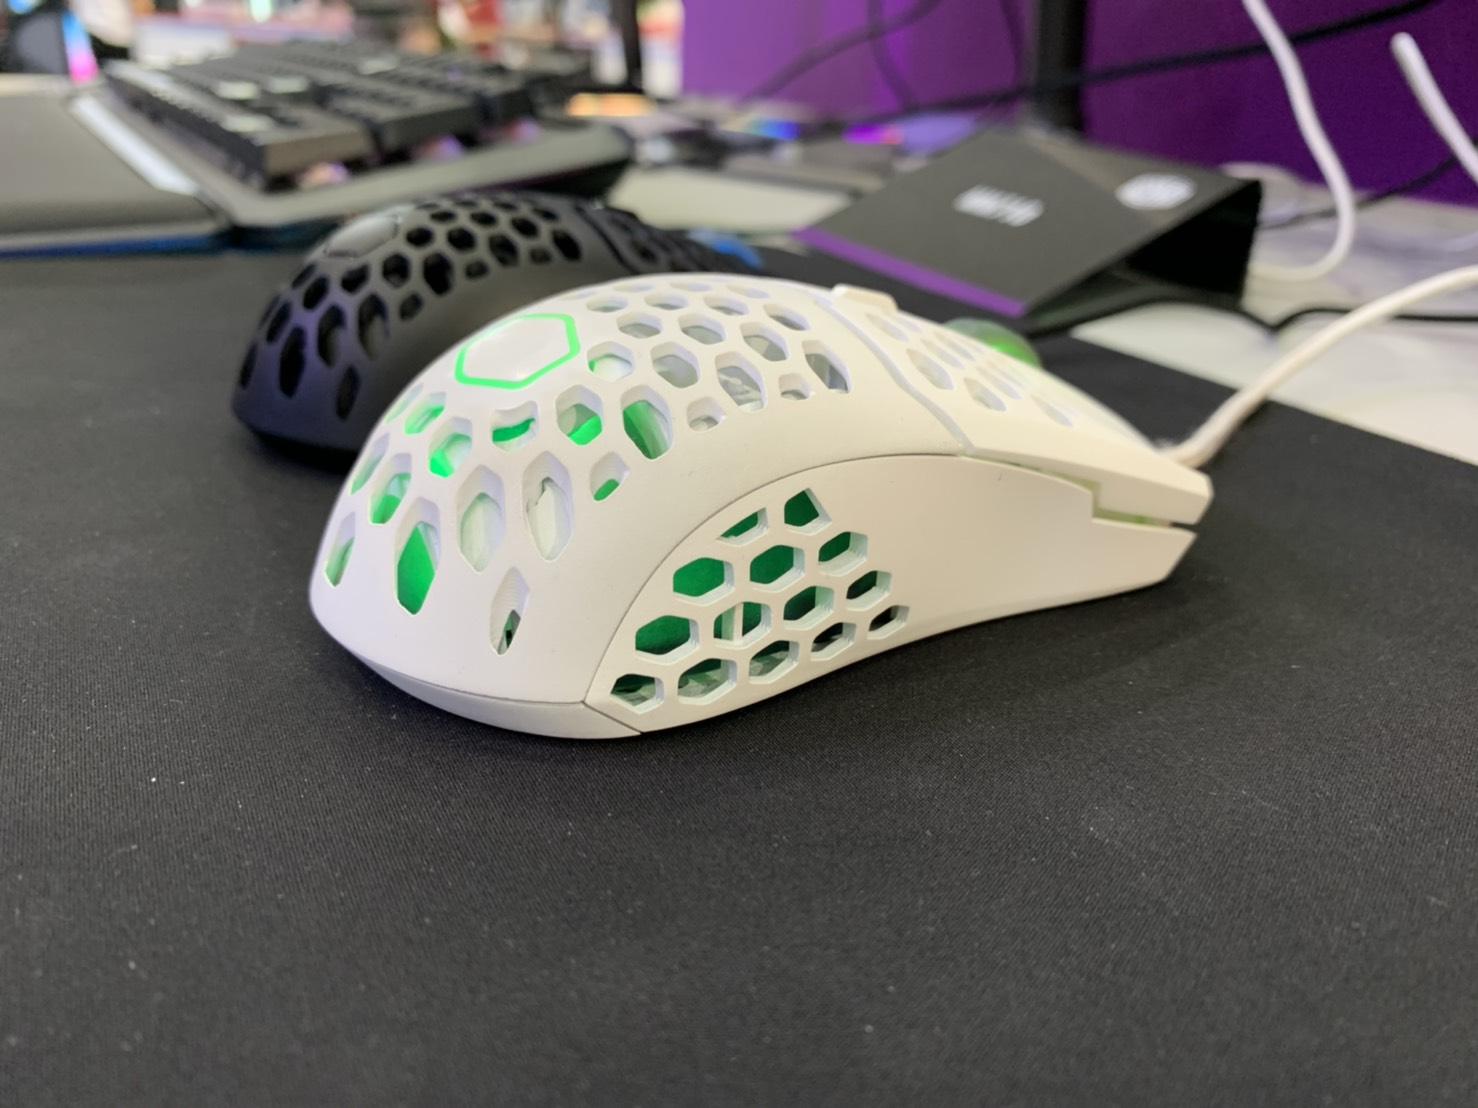 Cooler Master、本体重量わずか52gのゲーミングマウス「Cooler Master MM710」発表。価格は49.99ドルで、米国Amazonにて予約販売開始